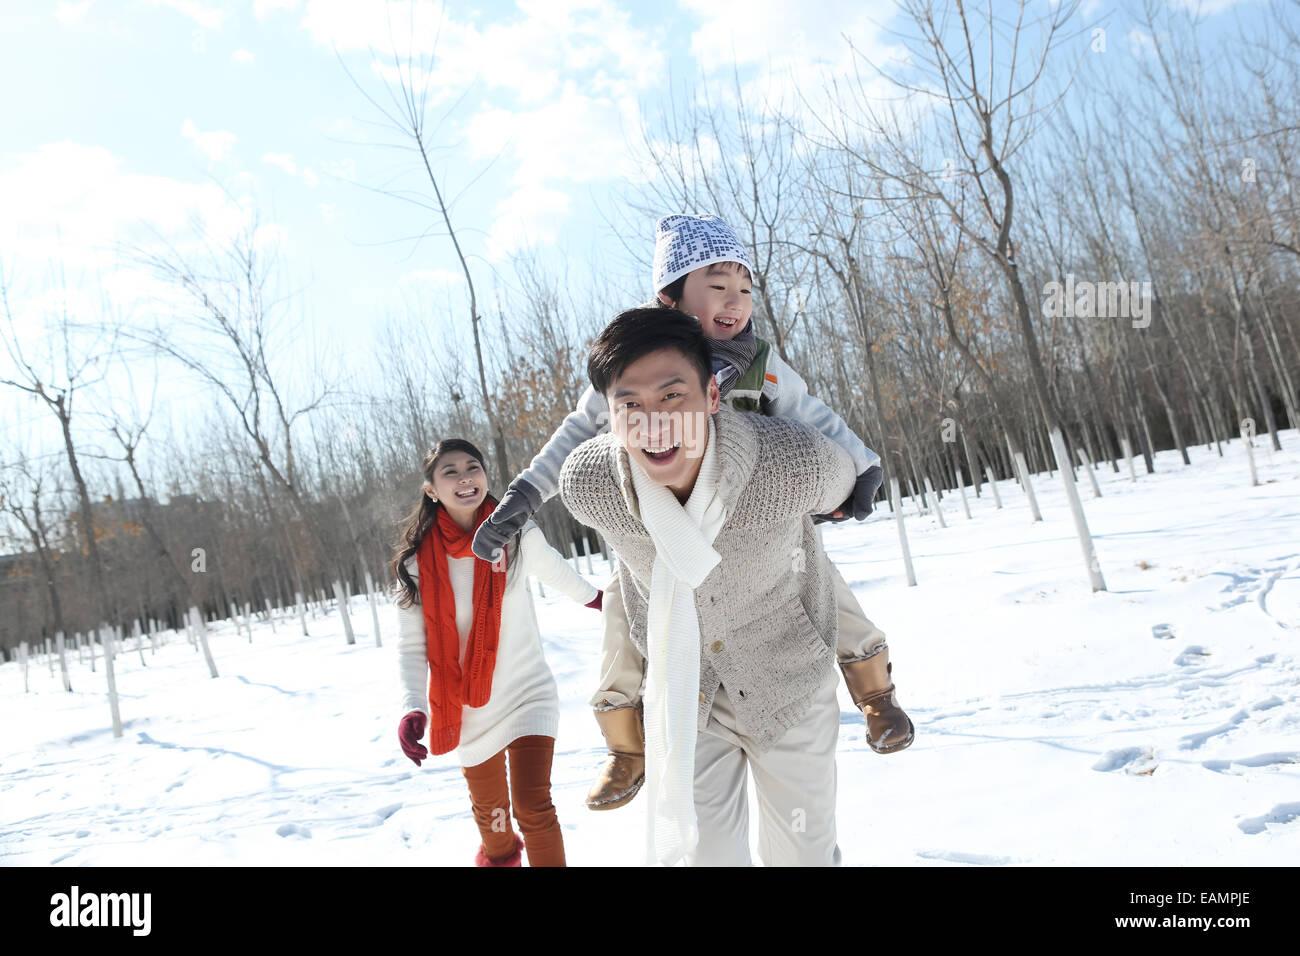 Eine Familie mit drei laufen im Schnee Stockbild